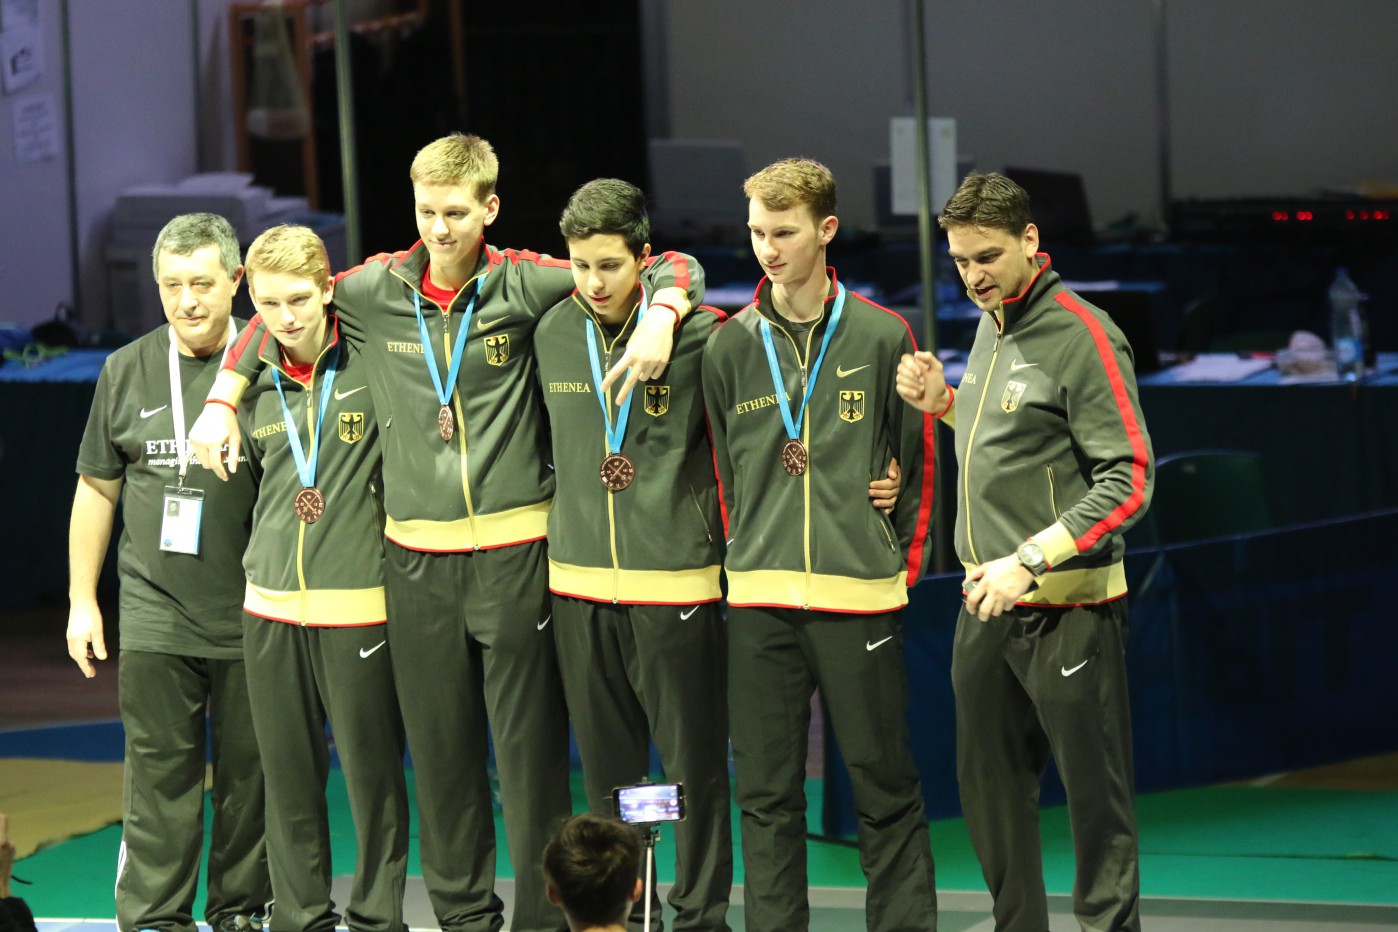 Anton Ziegon (2.von links) Bronzemedaille auf der Kadetten EM mit der deutschen Mannschaft, Februar 2016